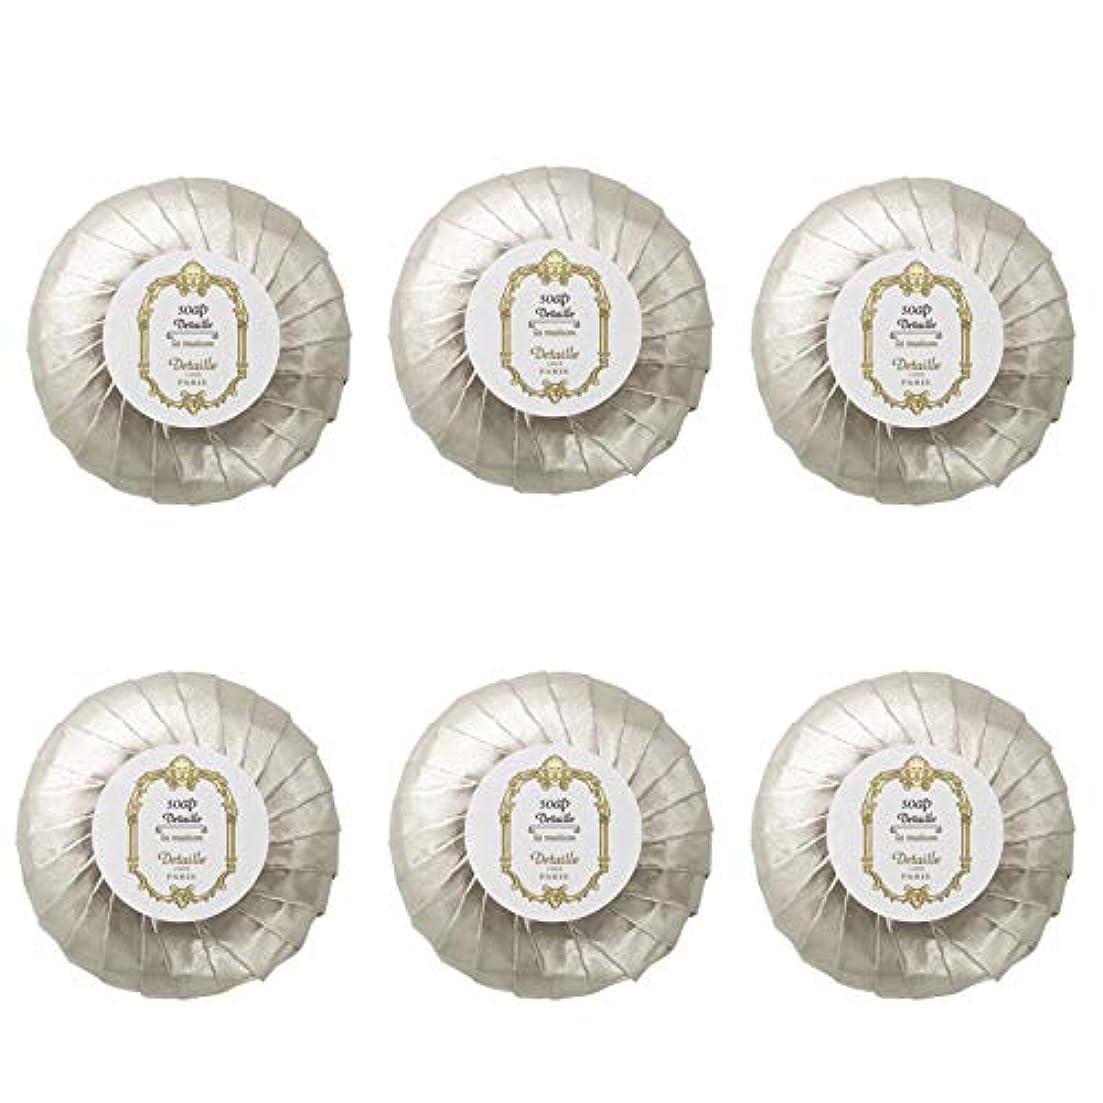 無許可行列つなぐPOLA デタイユ ラ メゾン スキンソープ 固形石鹸 (プリーツ包装) 50g×6個